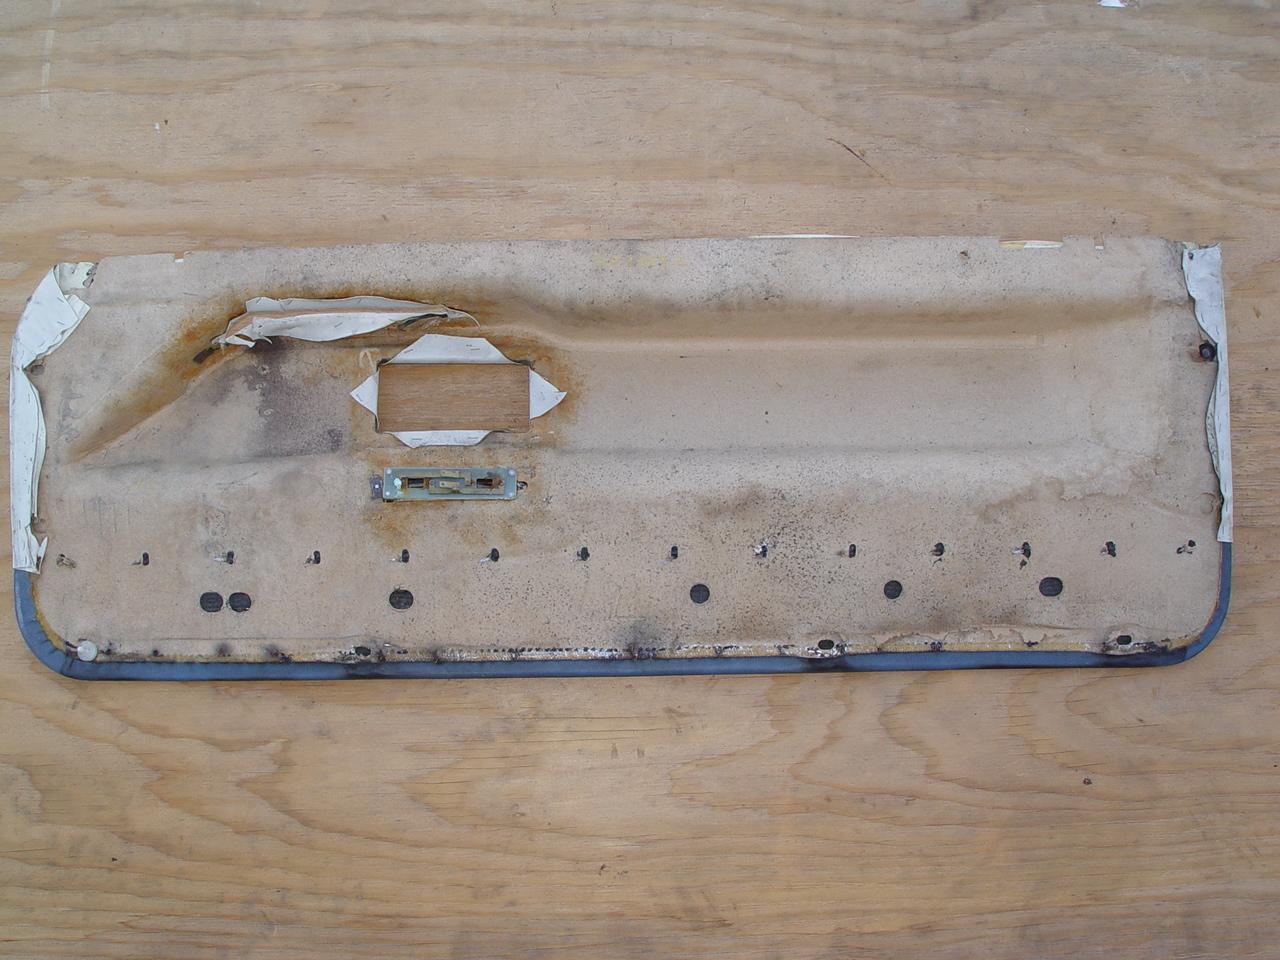 1971 1972 Eldorado El Dorado Headlight Wiring Harness Good Core For Recovering